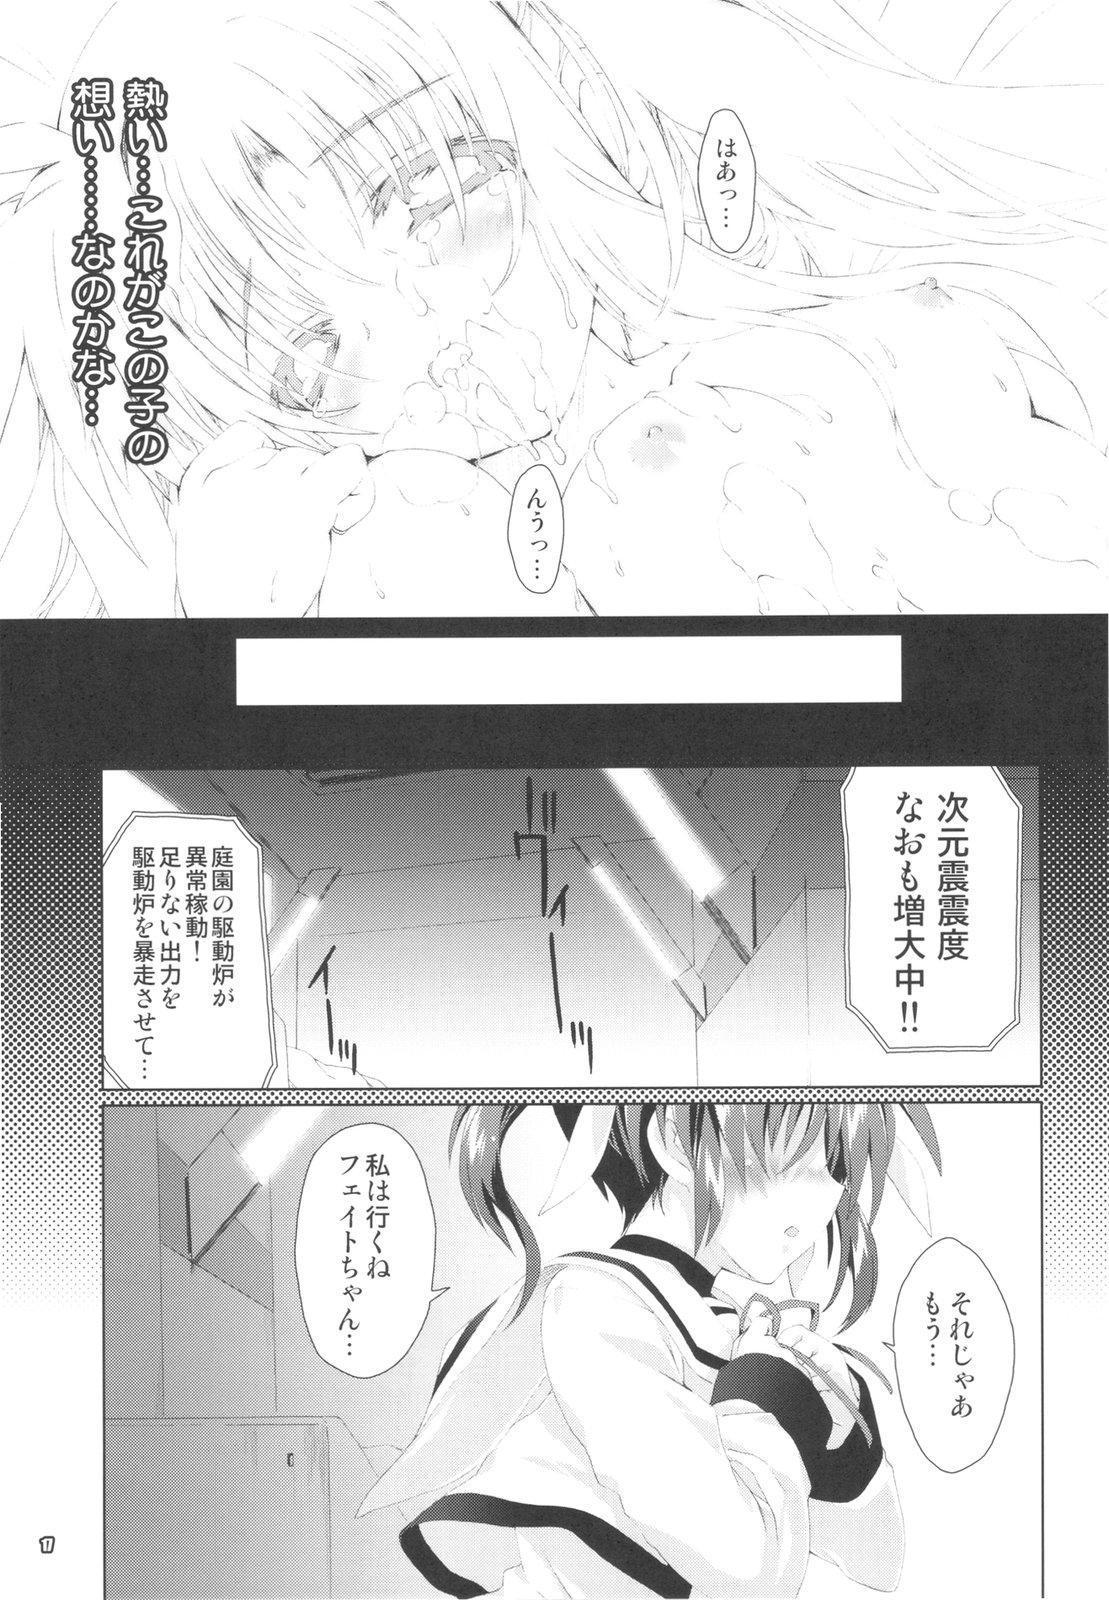 Mahou Shoujo 9 16